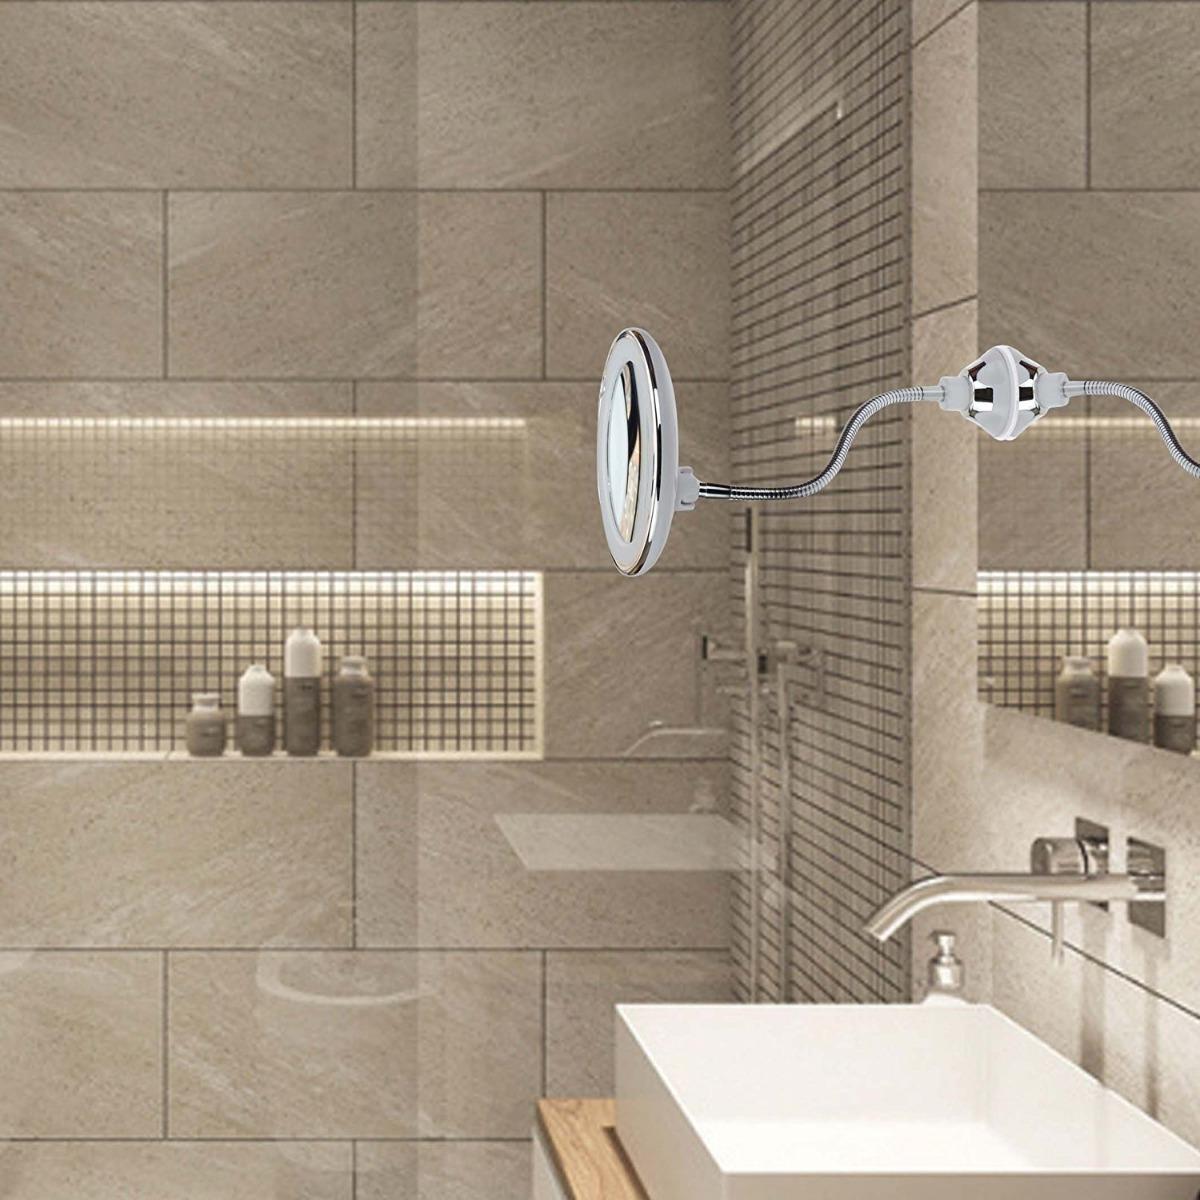 Espejo Bano Aumento Con Luz.Espejos De Bano Con Aumento 10x Luz Articulado